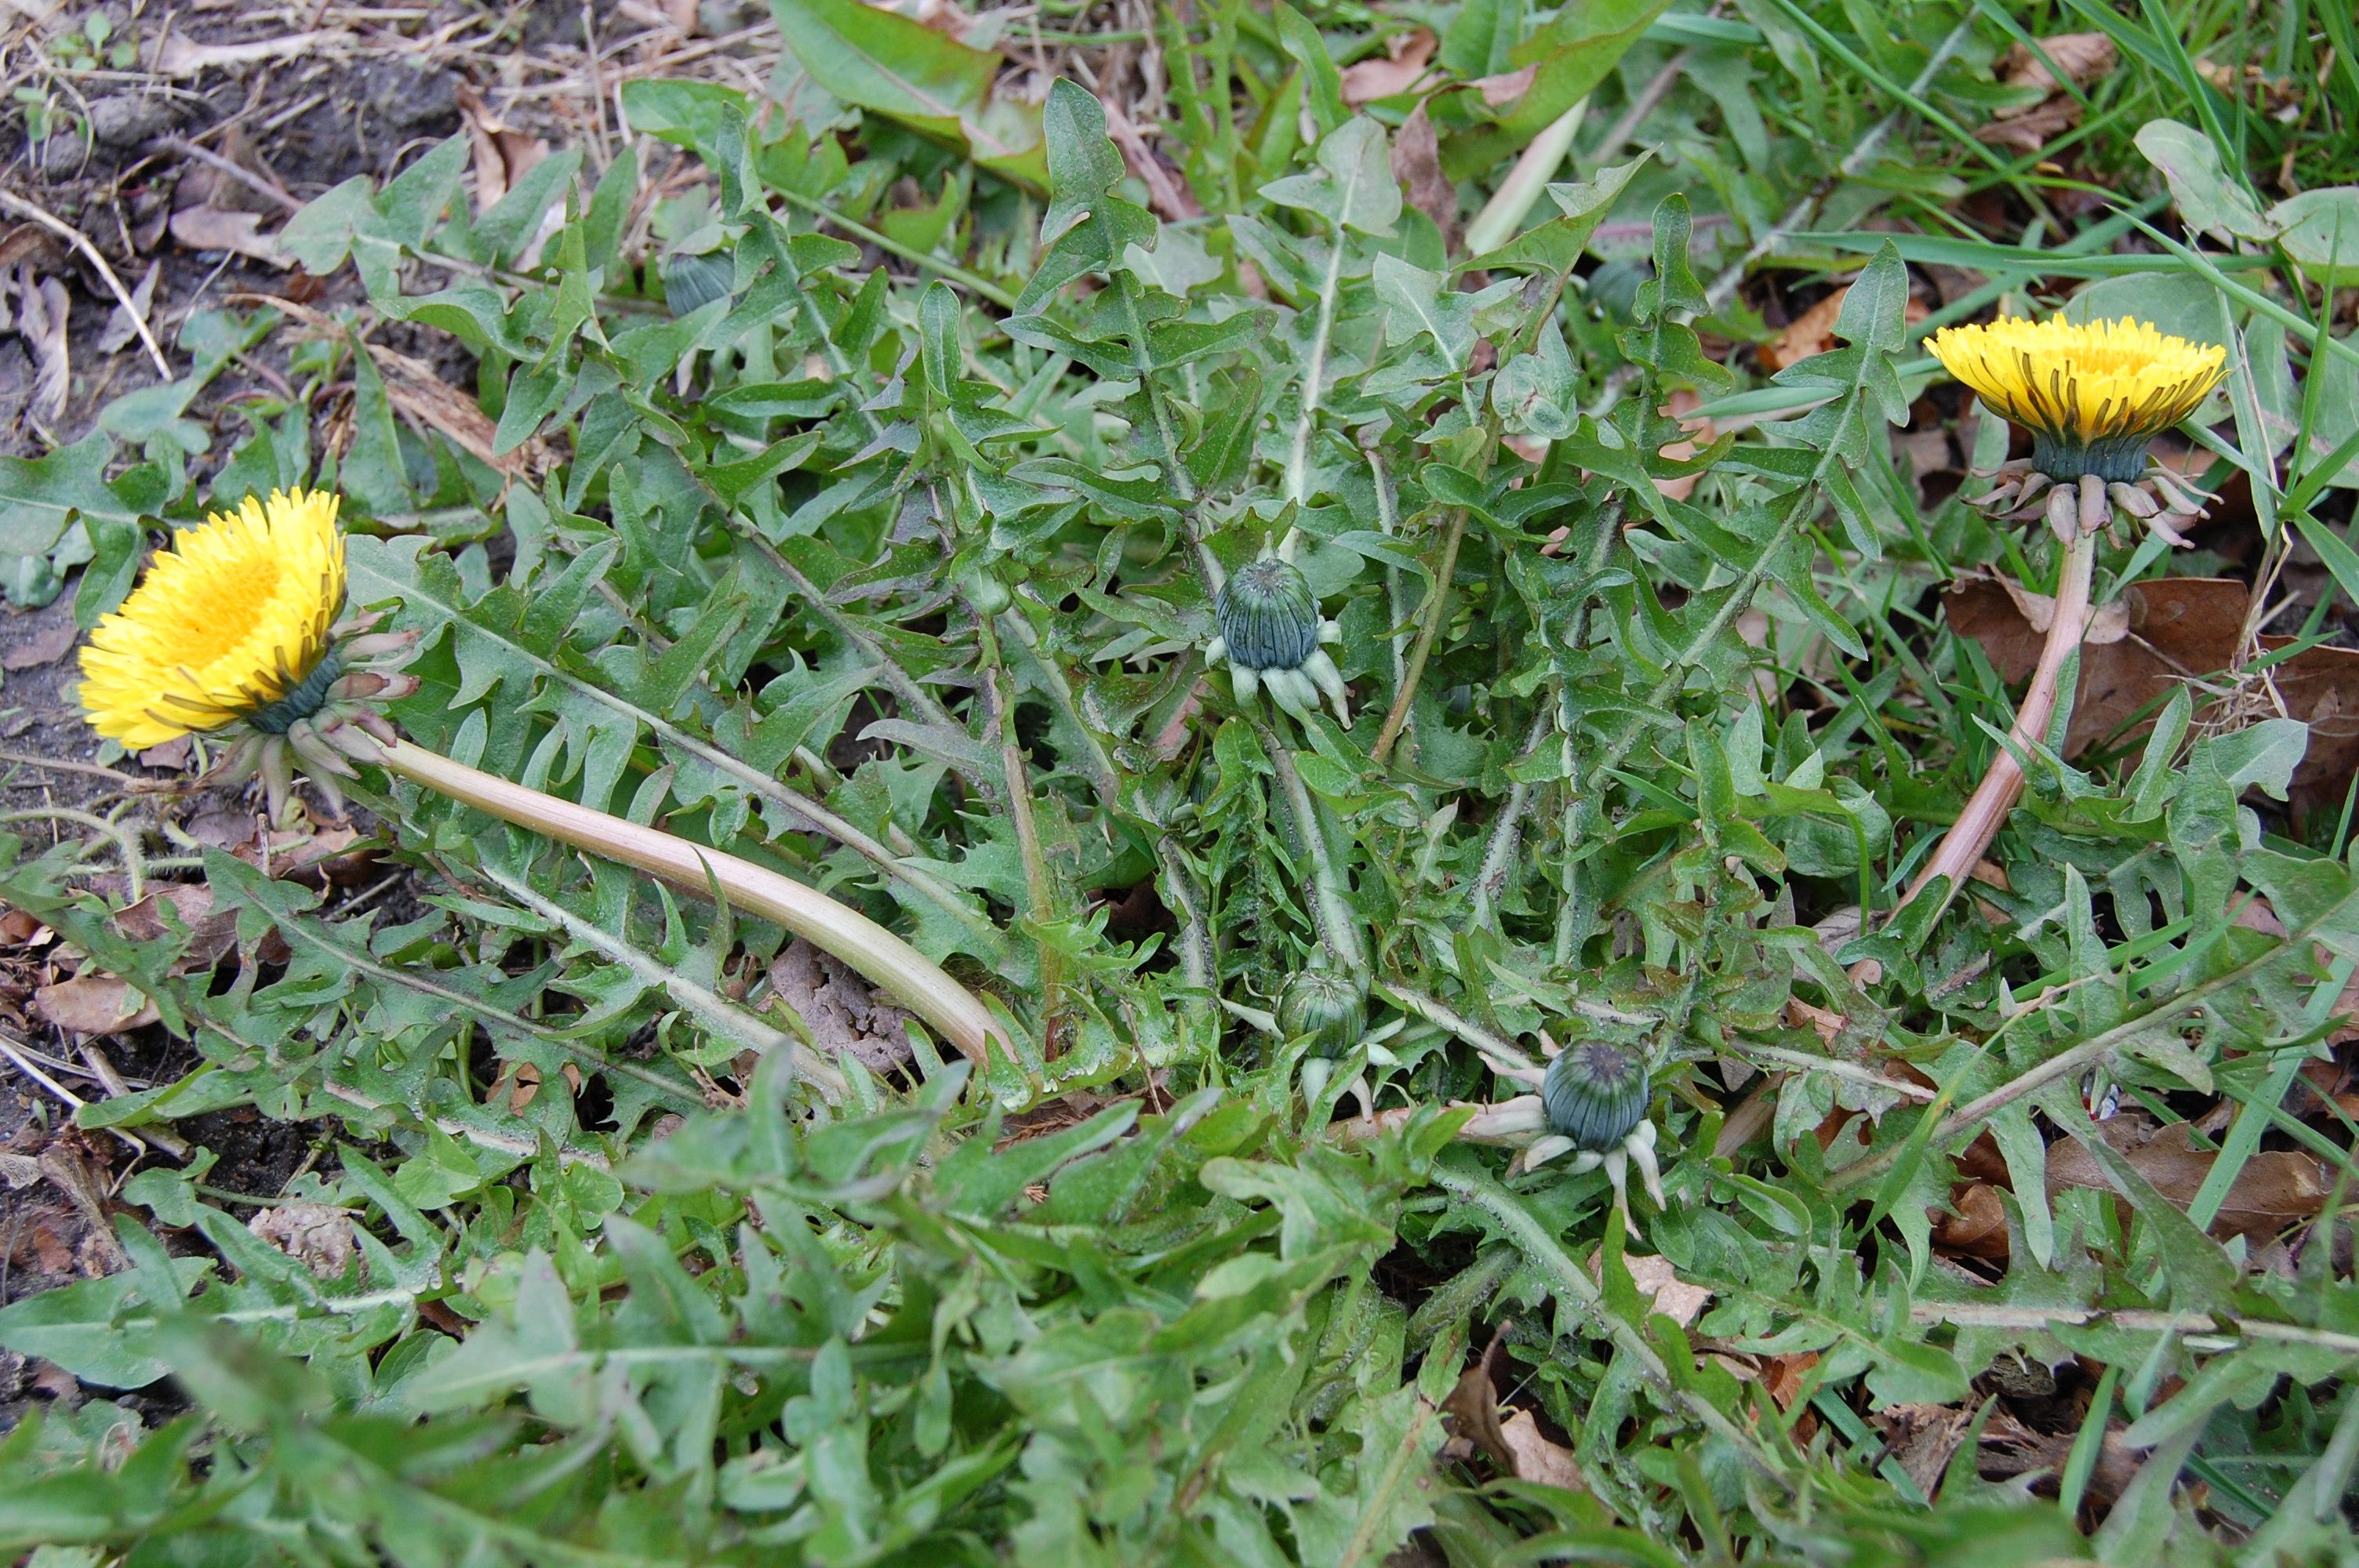 https://pictures.bgbm.org/digilib/Scaler?fn=Cichorieae/Taraxacum_lacerifolium_A_01.jpg&mo=file